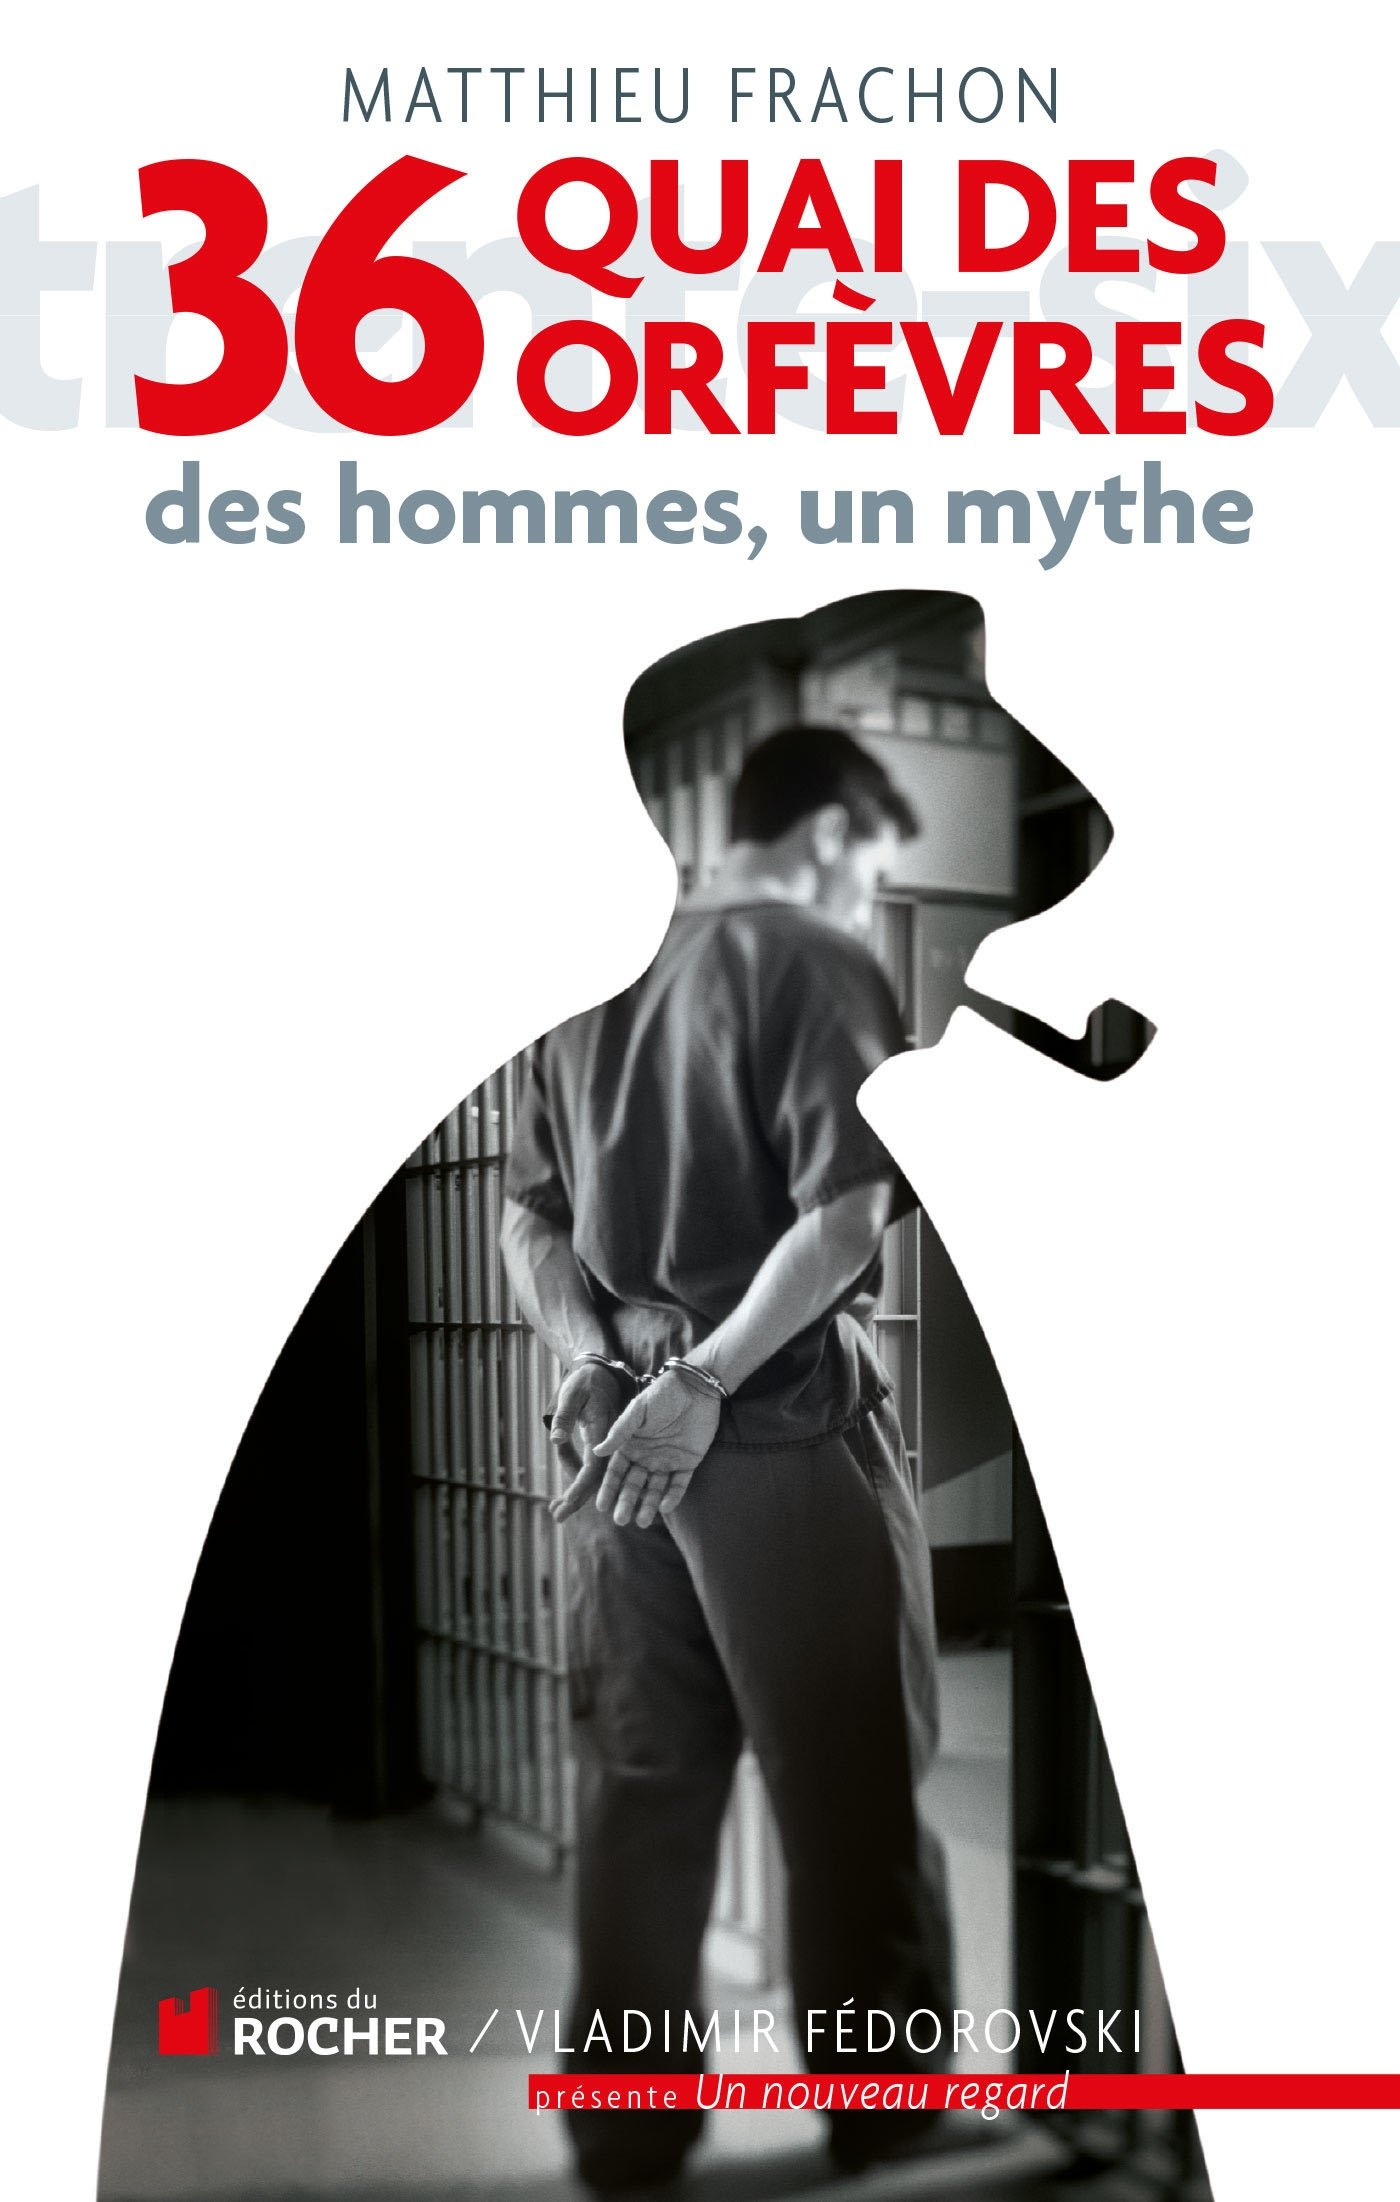 36, quai des Orfèvres: Des hommes, un mythe Broché – 16 juin 2011 Matthieu Frachon Editions du Rocher 2268070980 Société (Culture